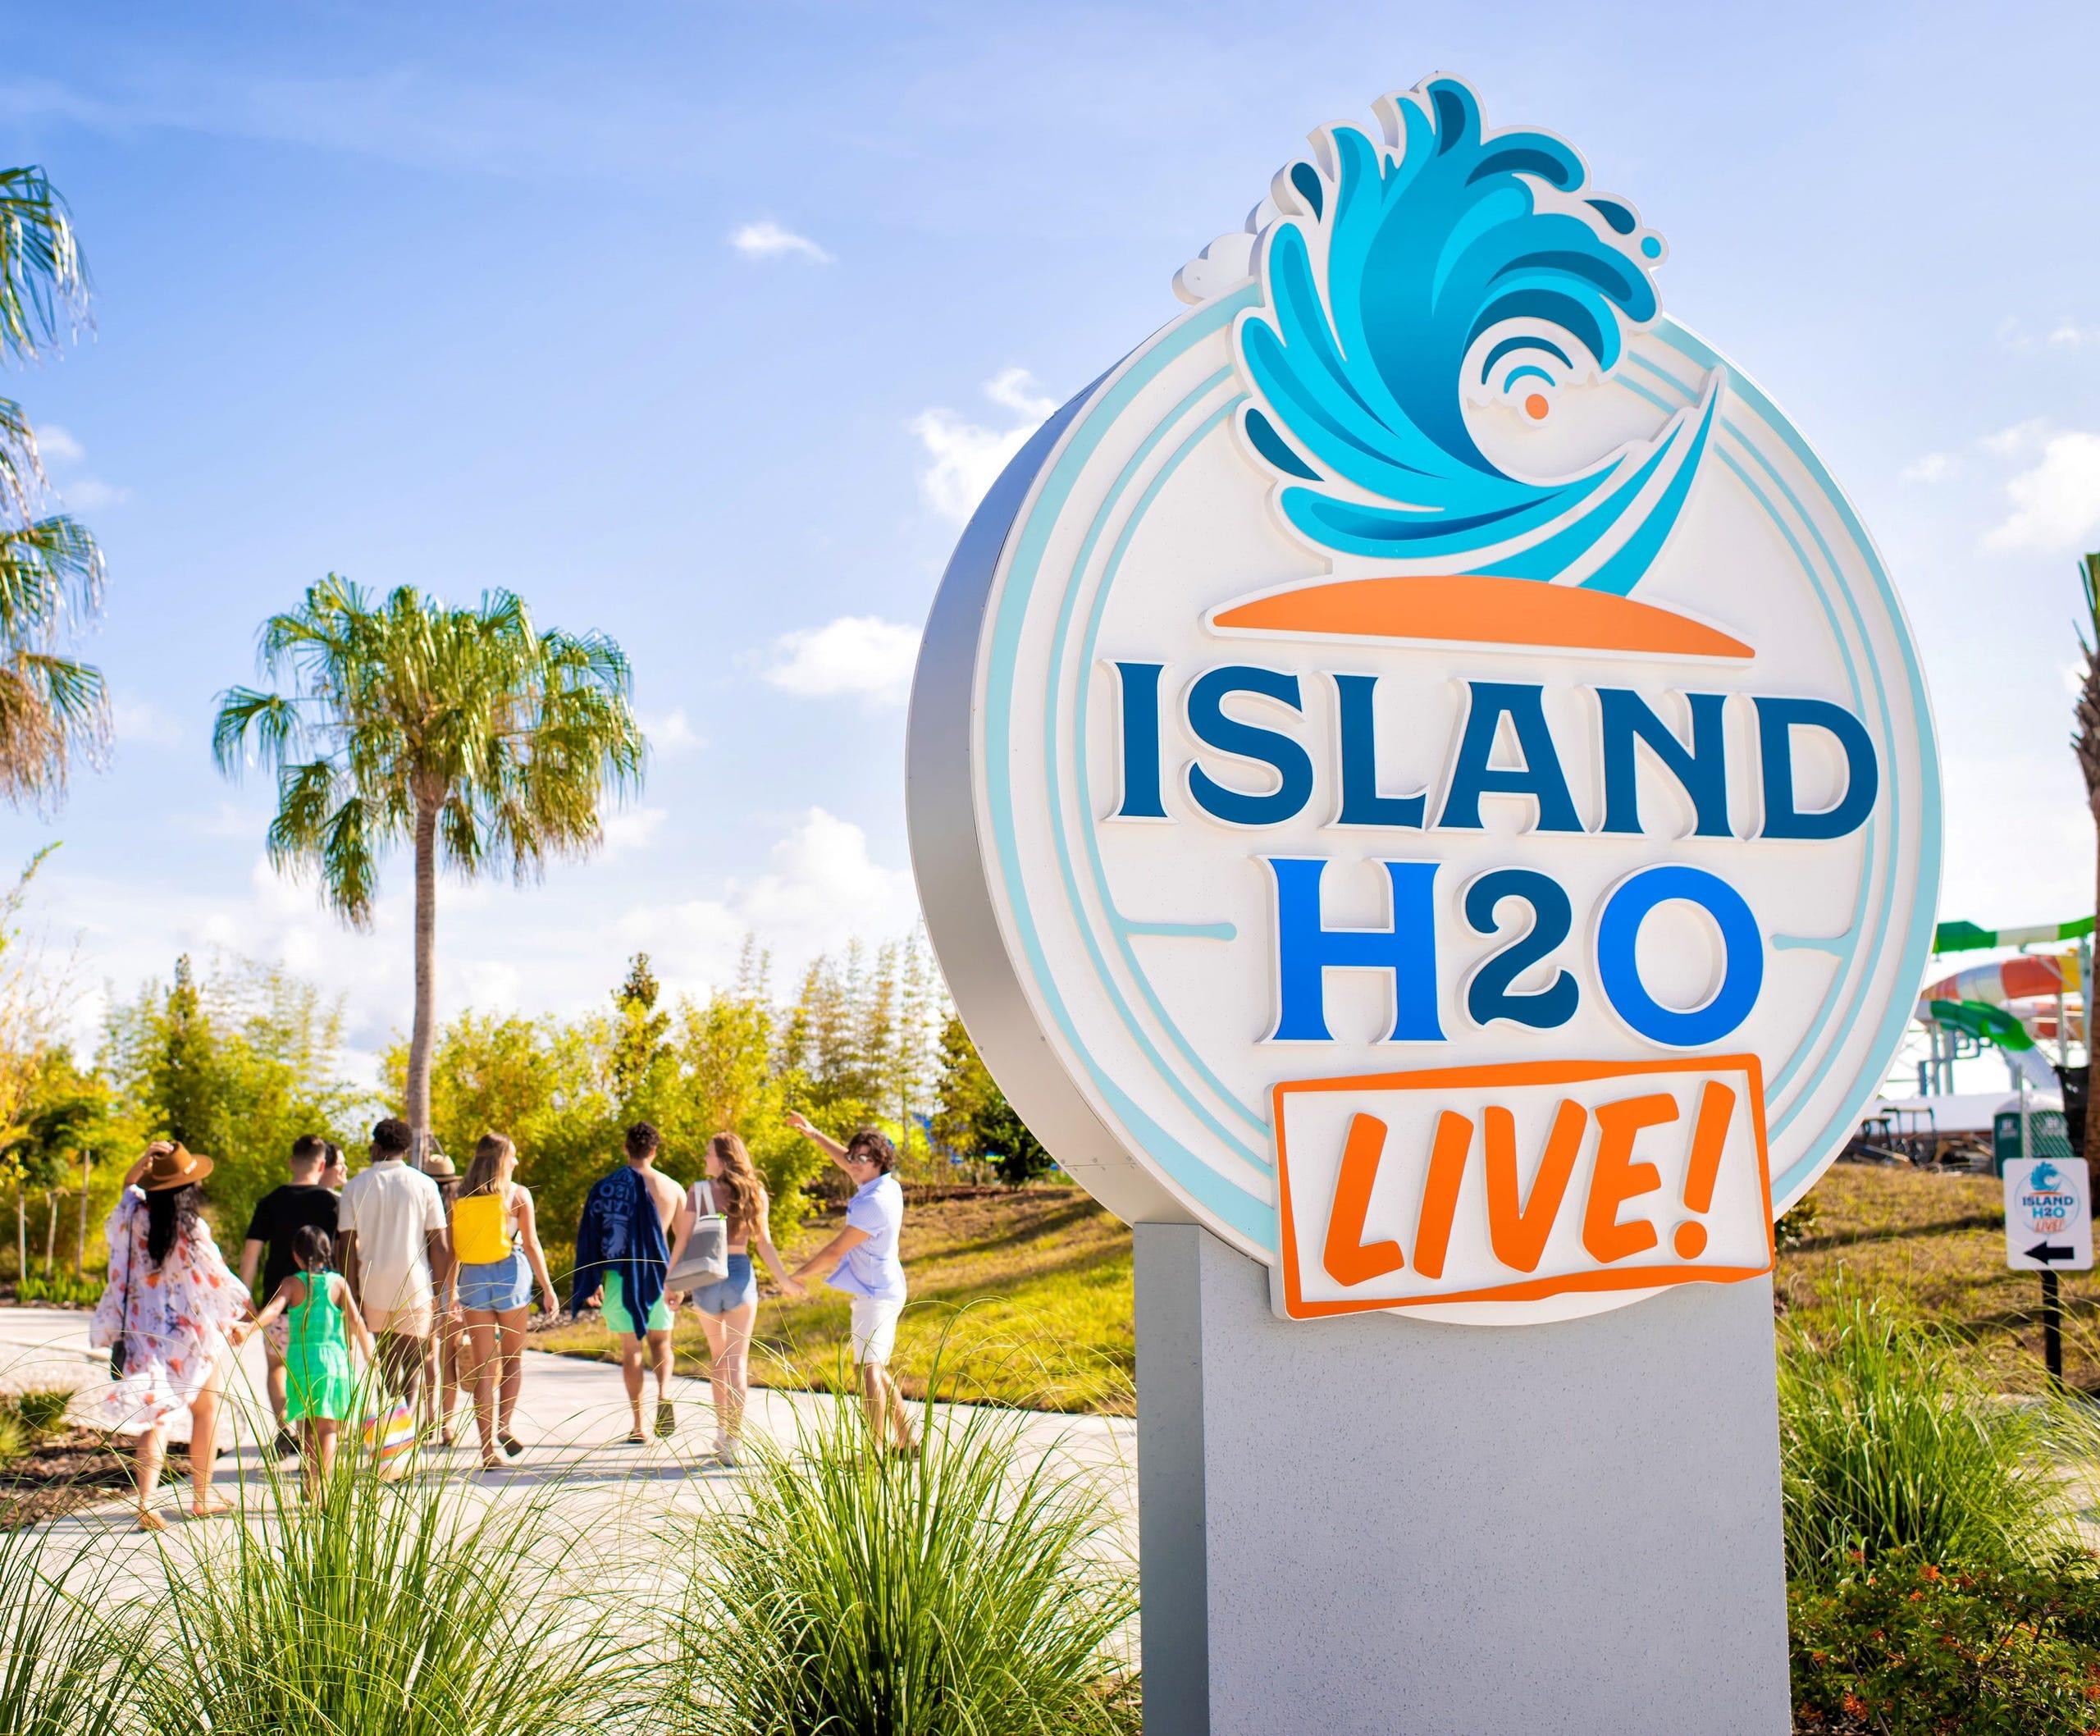 Resultado de imagem para island h2o live water park